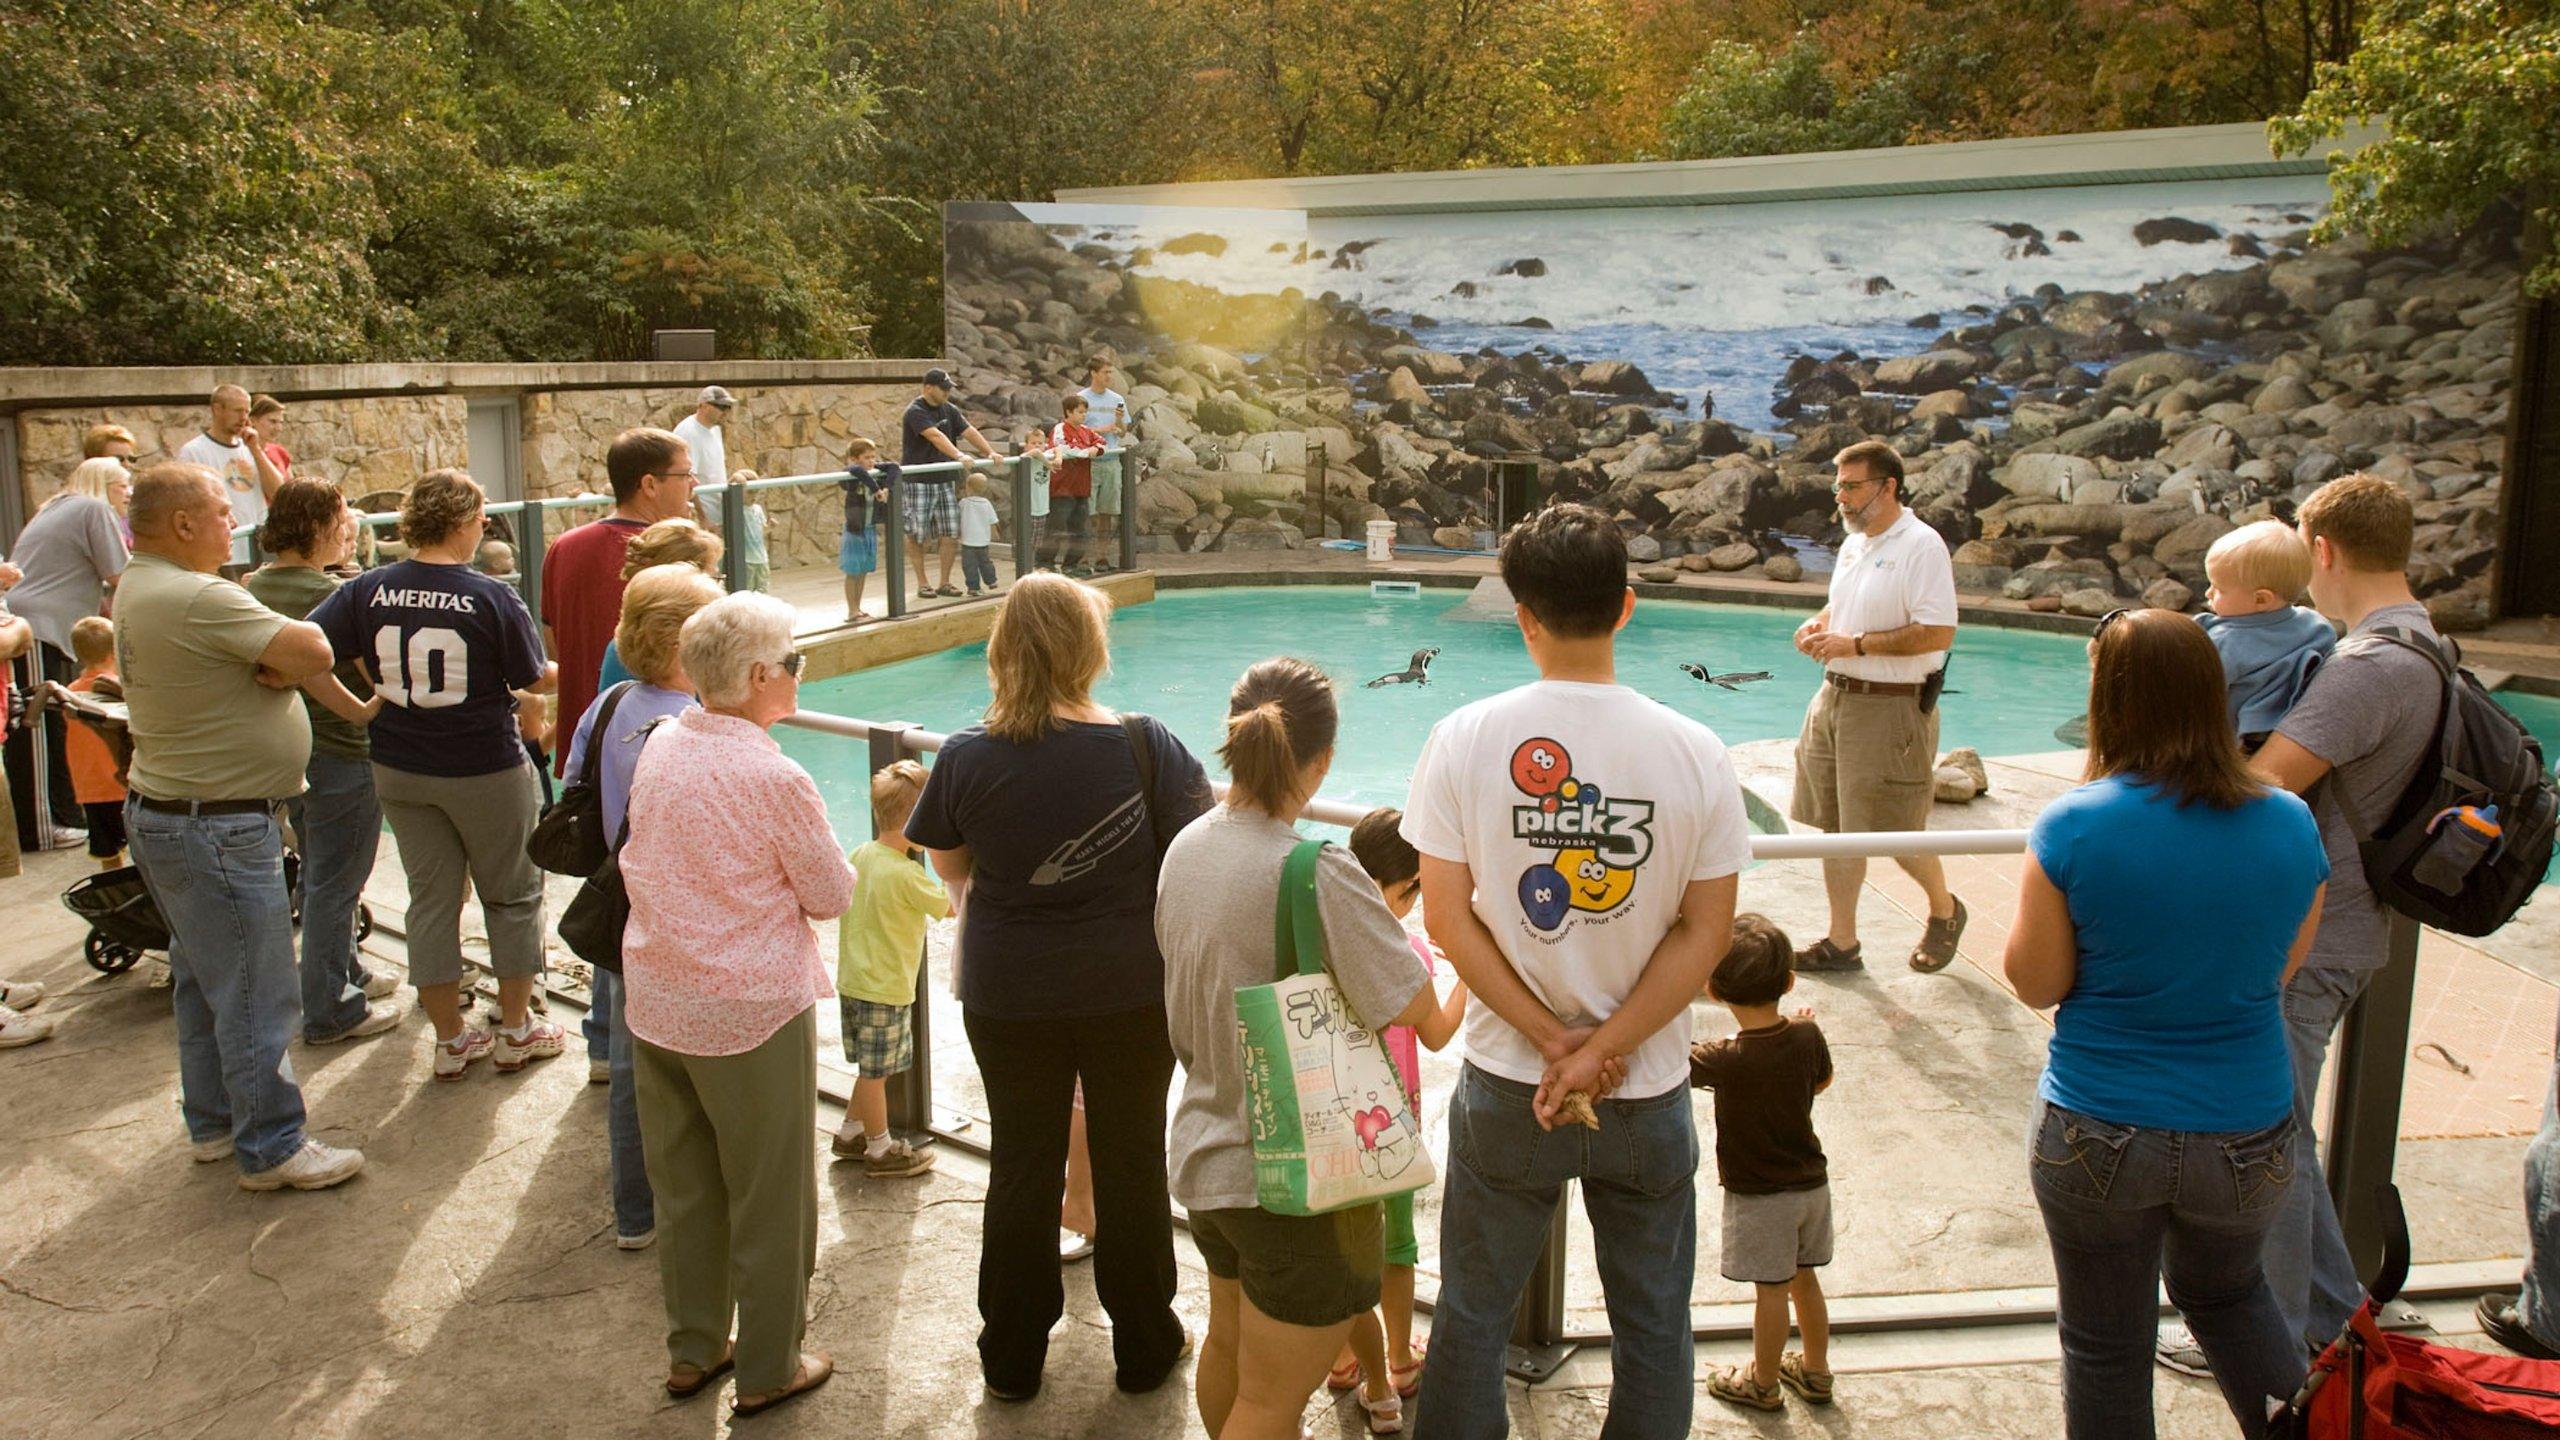 Lincoln Childrens Zoo, Lincoln, Nebraska, USA